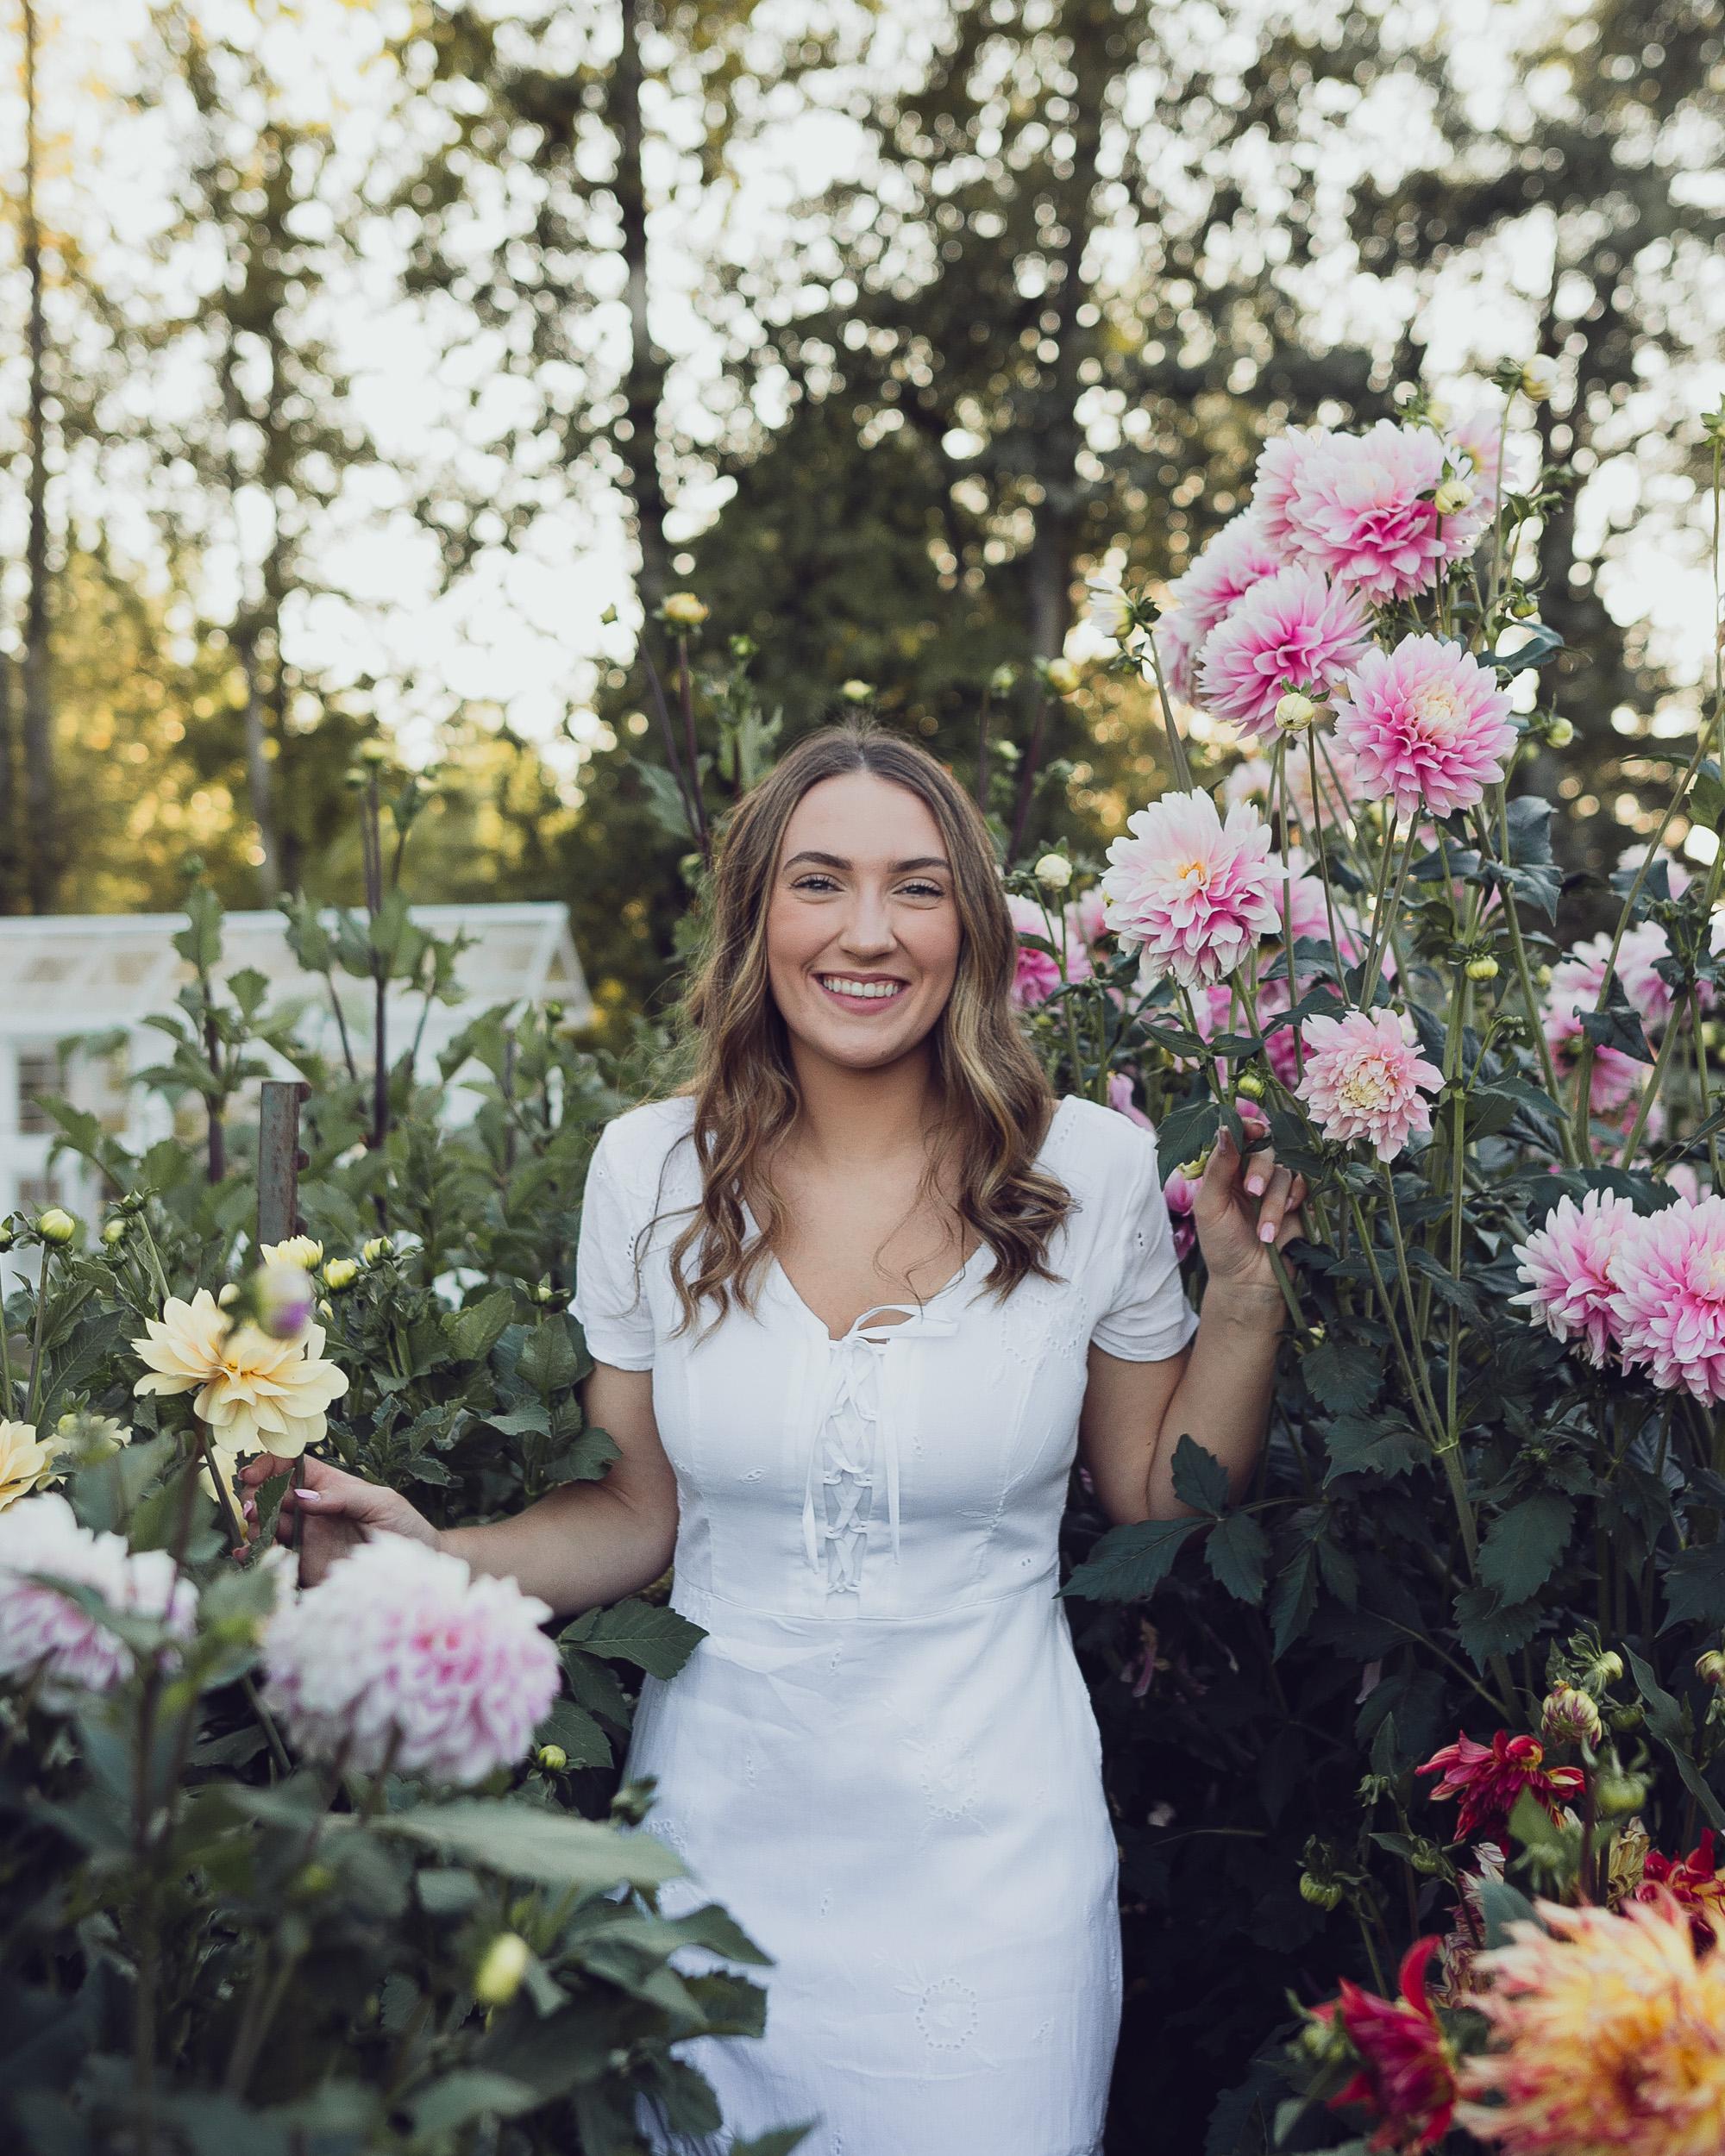 Seniorportraitsseattle-31.jpg